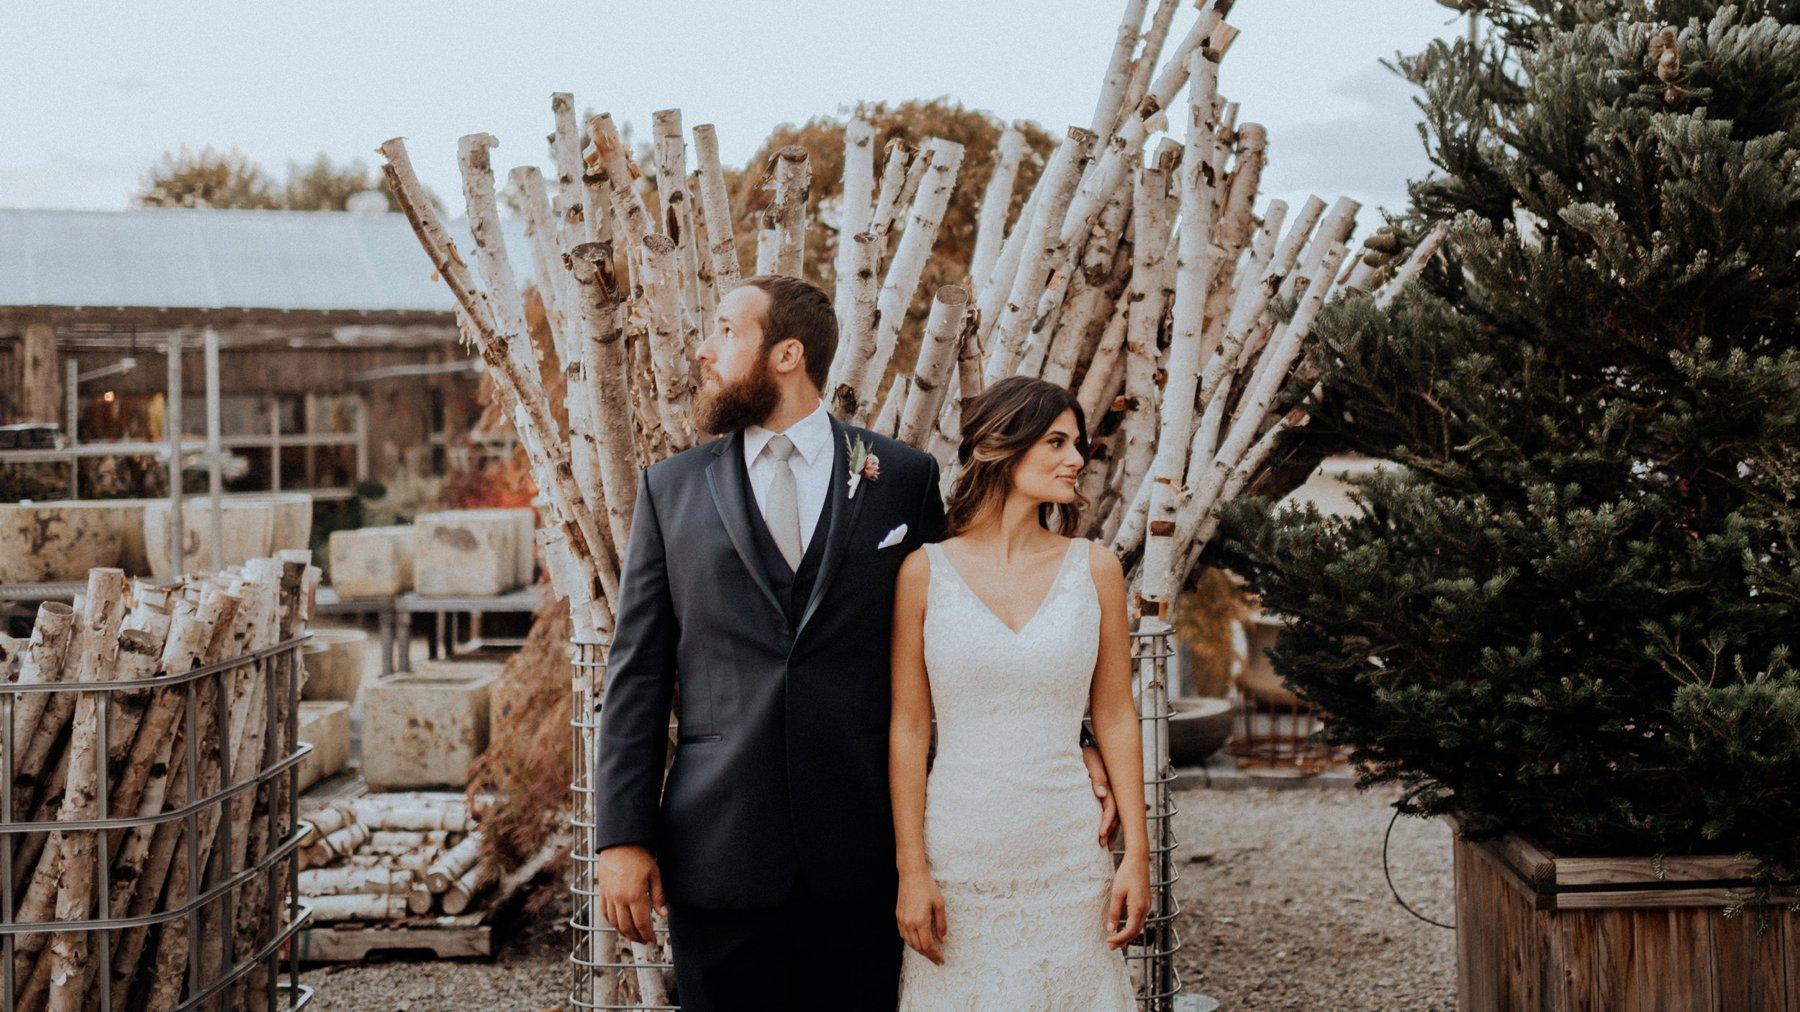 099-080-terrain-wedding-17.jpg